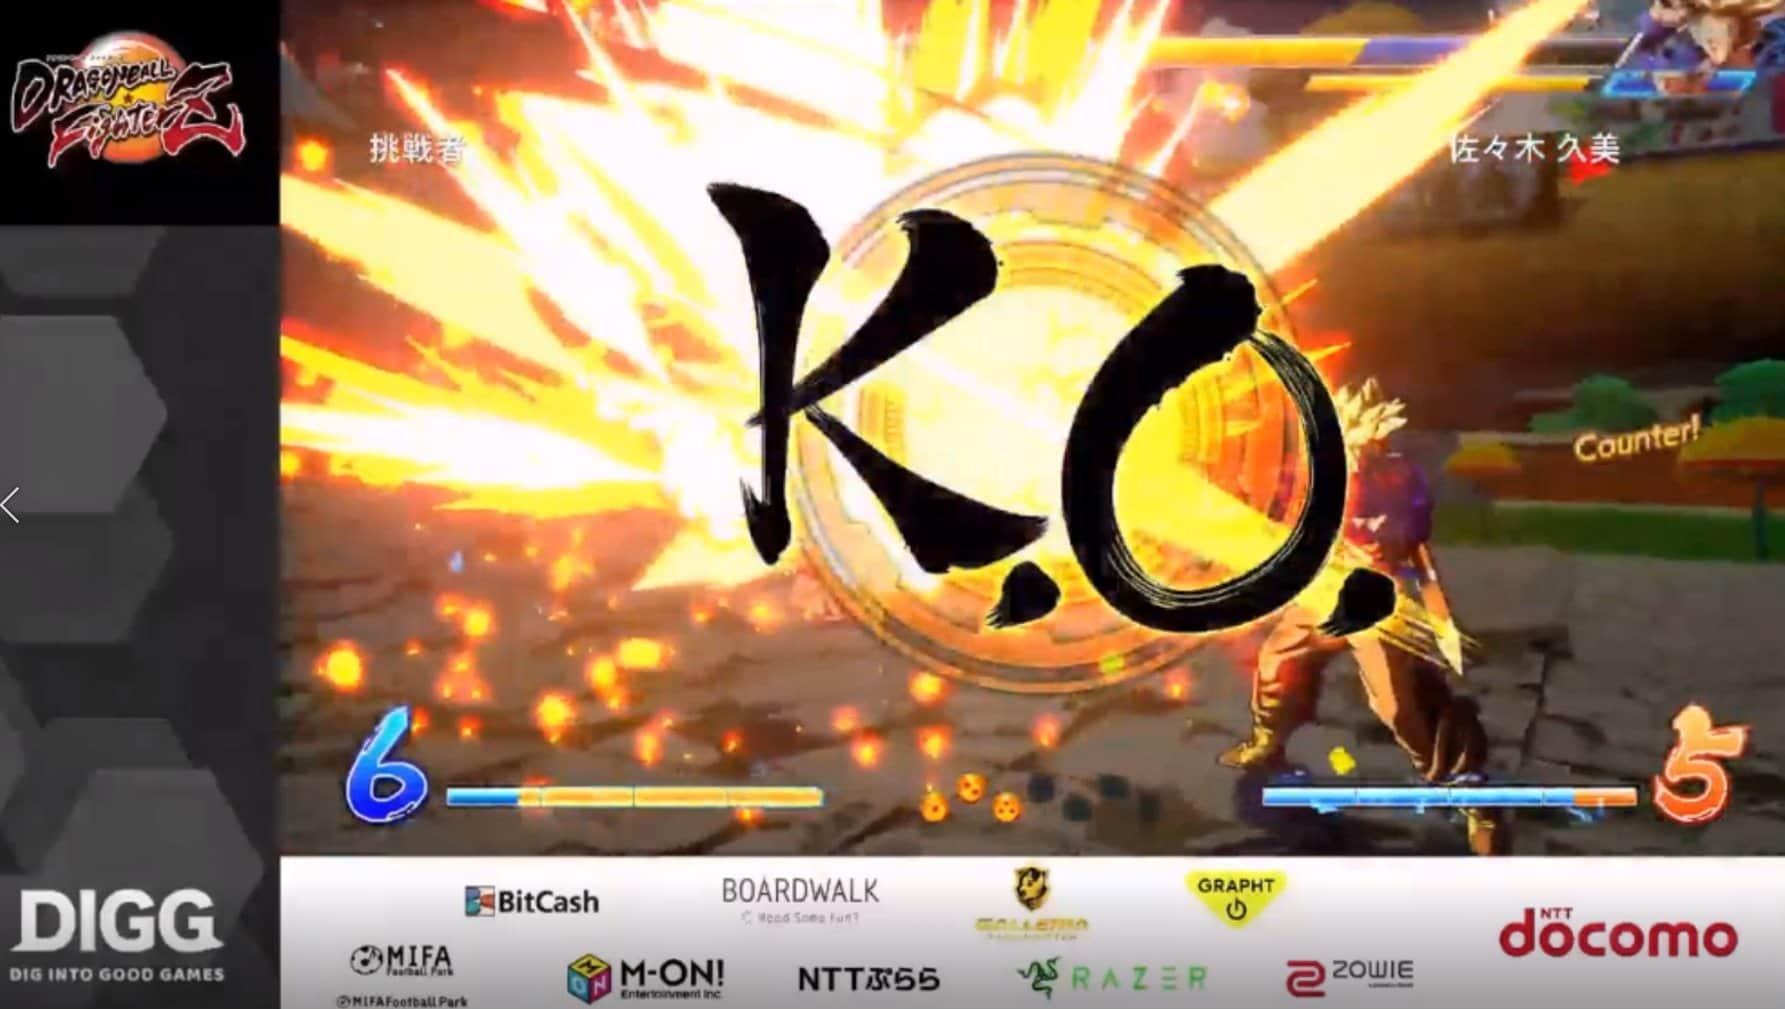 kykzk016671